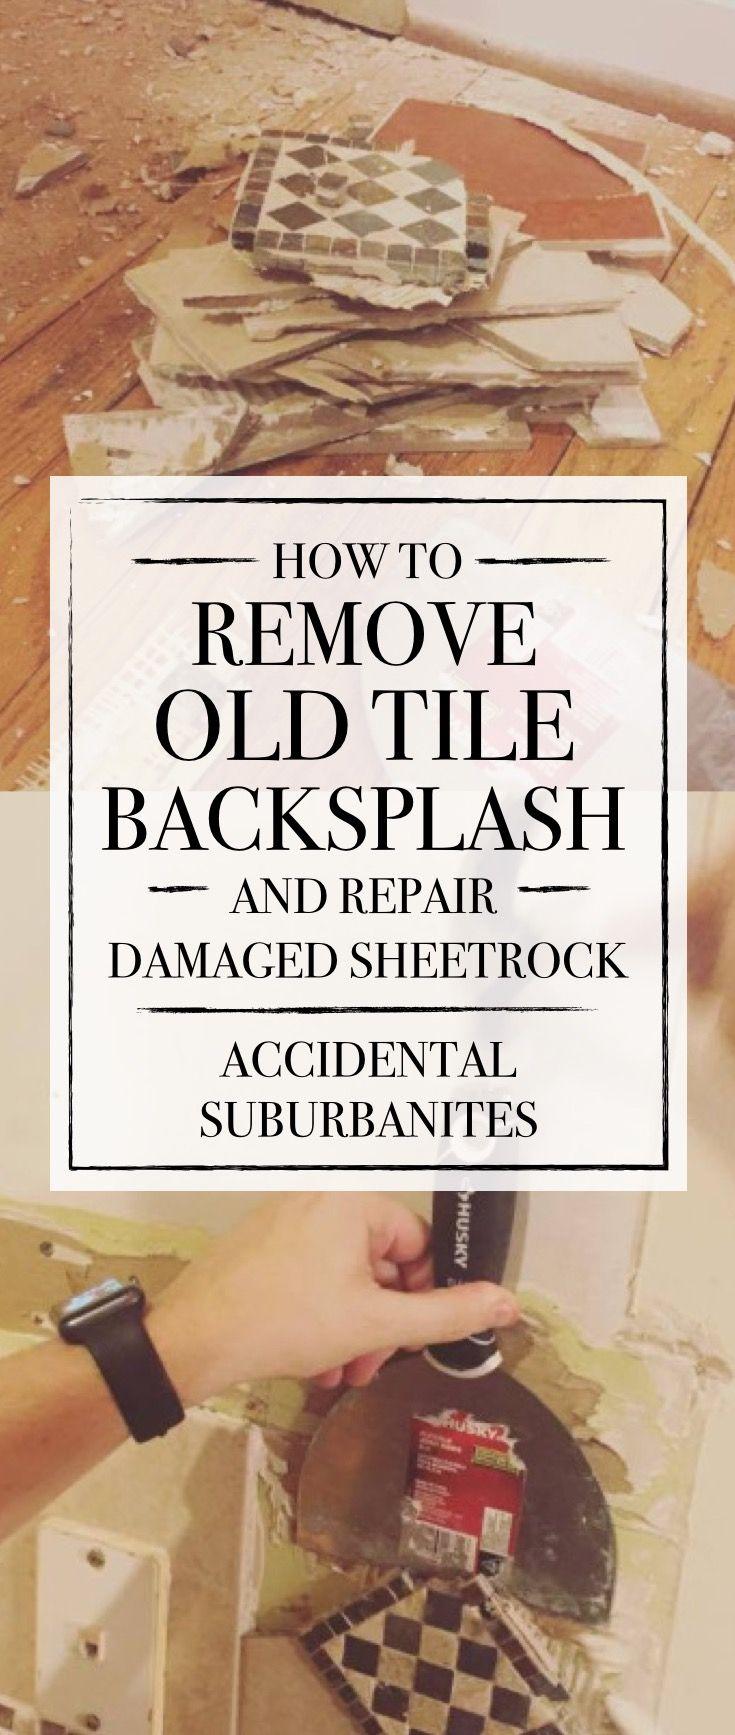 Bye Bye Backsplash How To Remove Old Tile Backsplash And Repair Damaged Sheetrock Tile Removal Remove Tile Backsplash Tile Backsplash